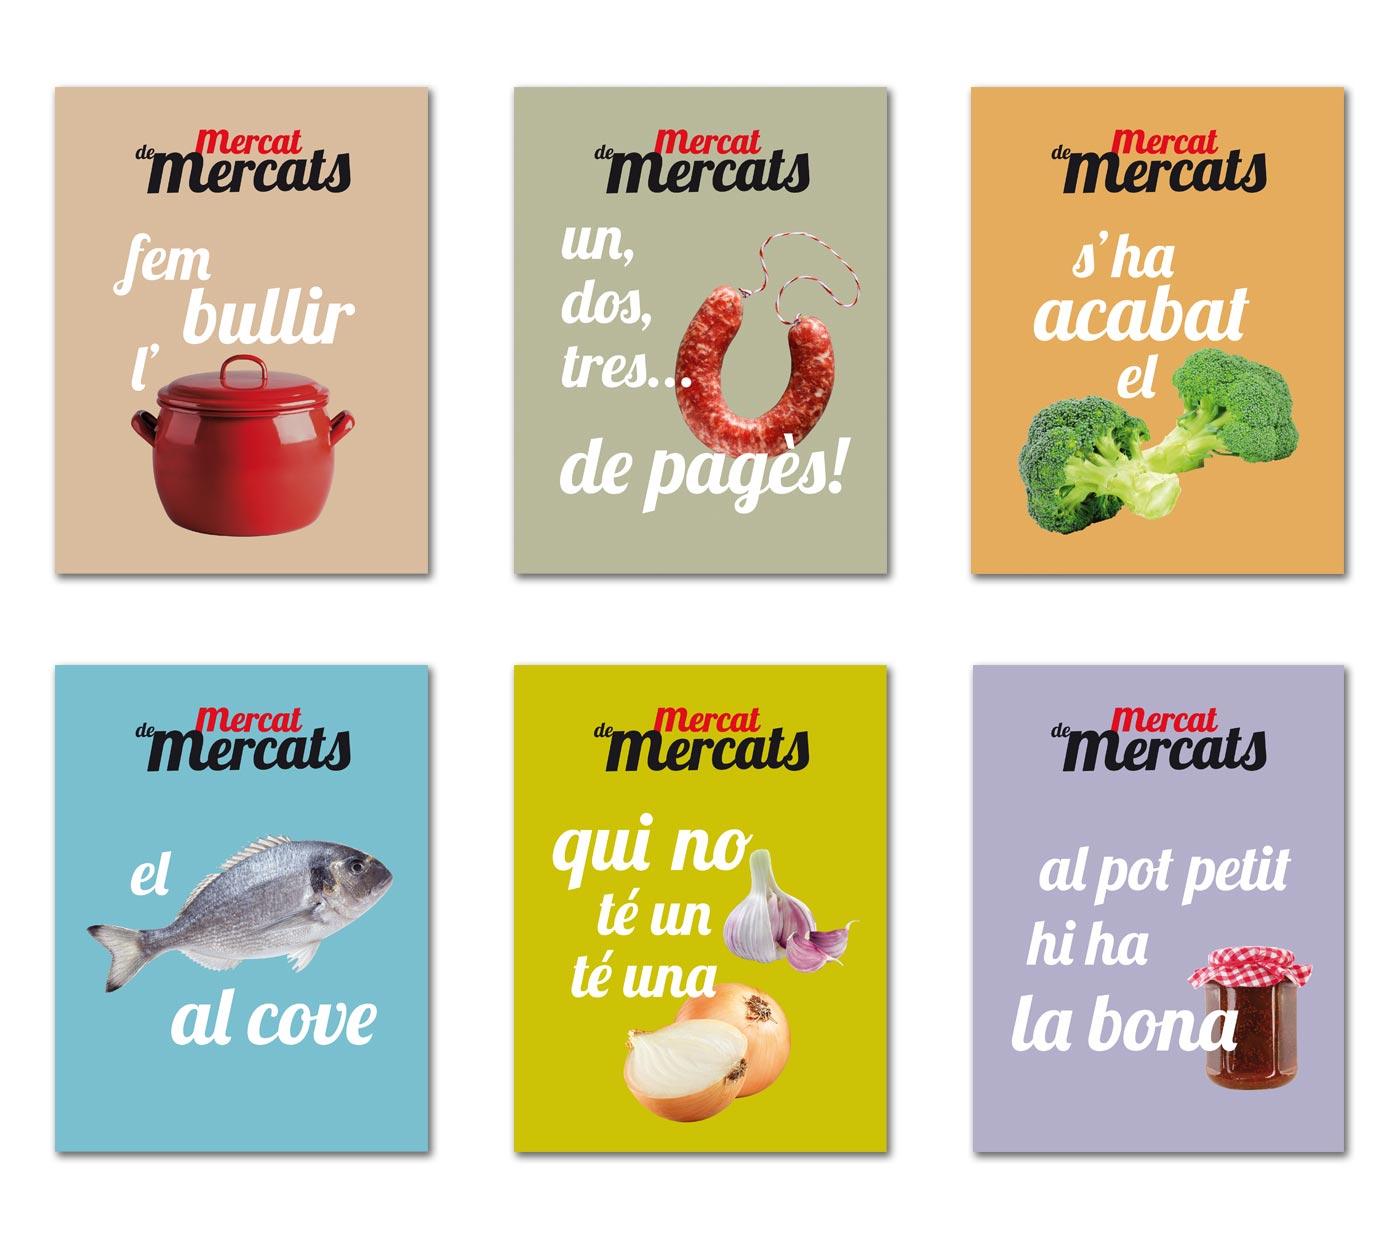 publicitat-mercats-barcelona-creartiva